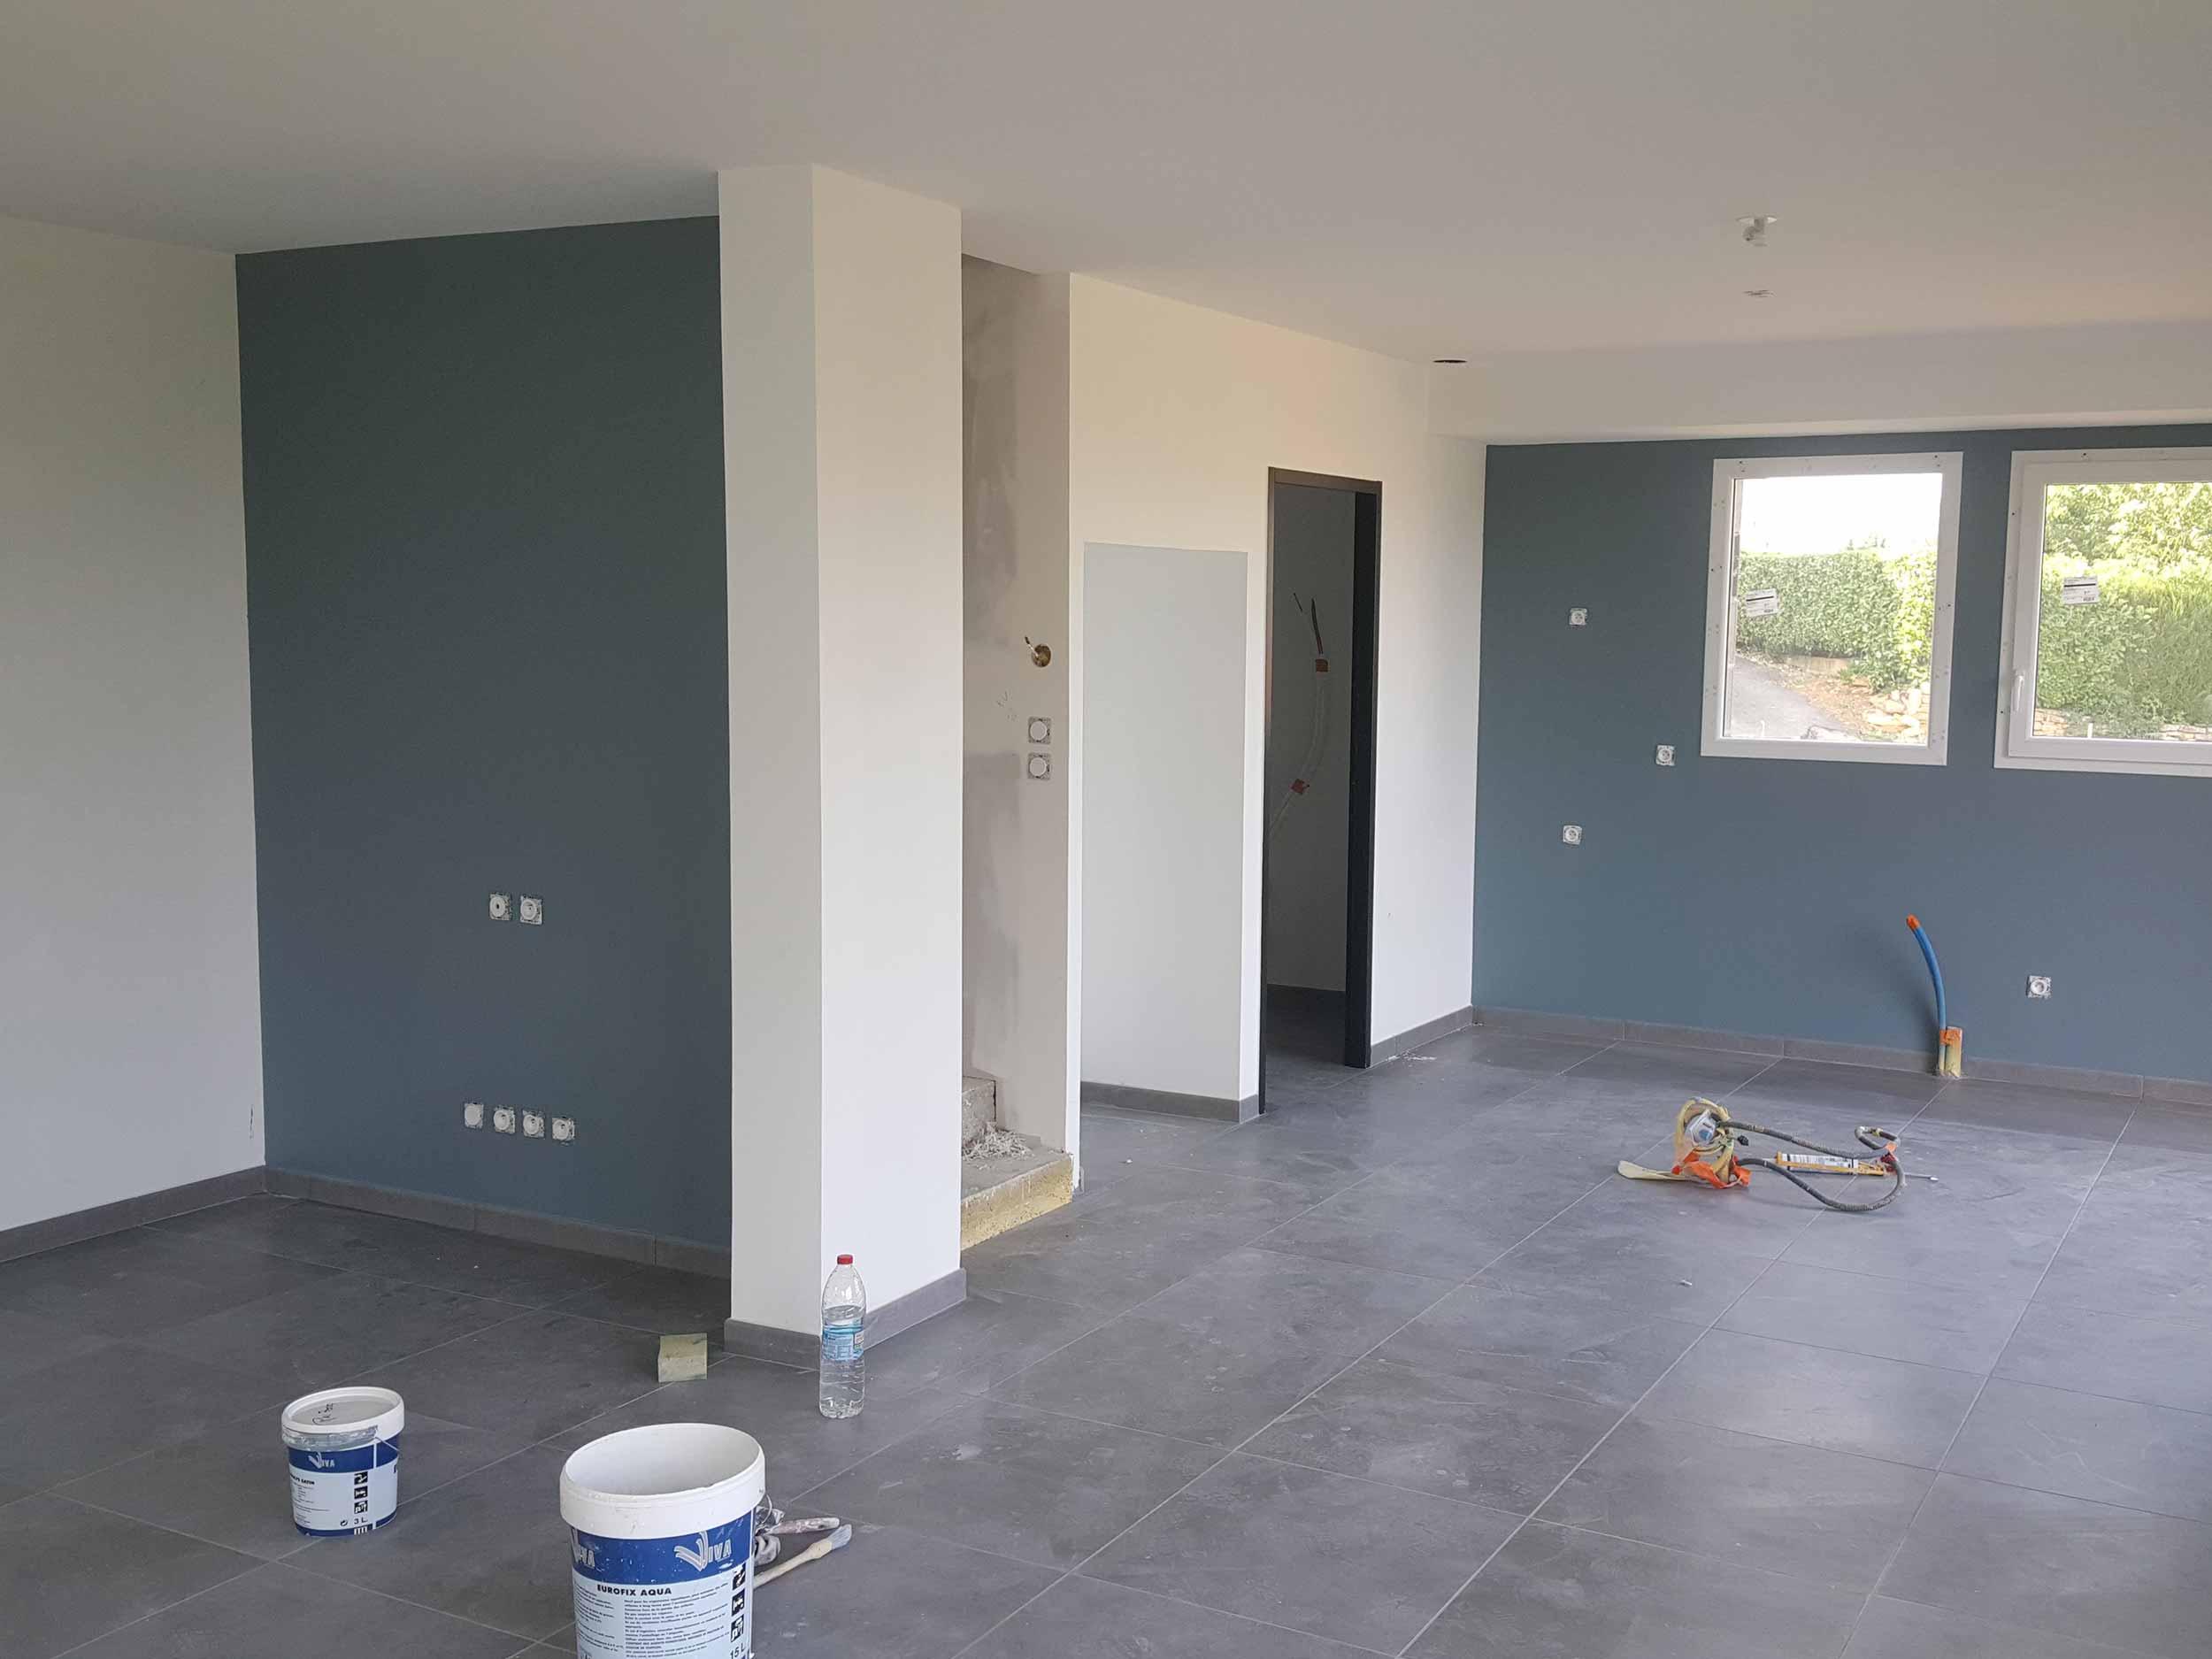 Vente de peinture pour la rénovation d'une maison à Villefranche